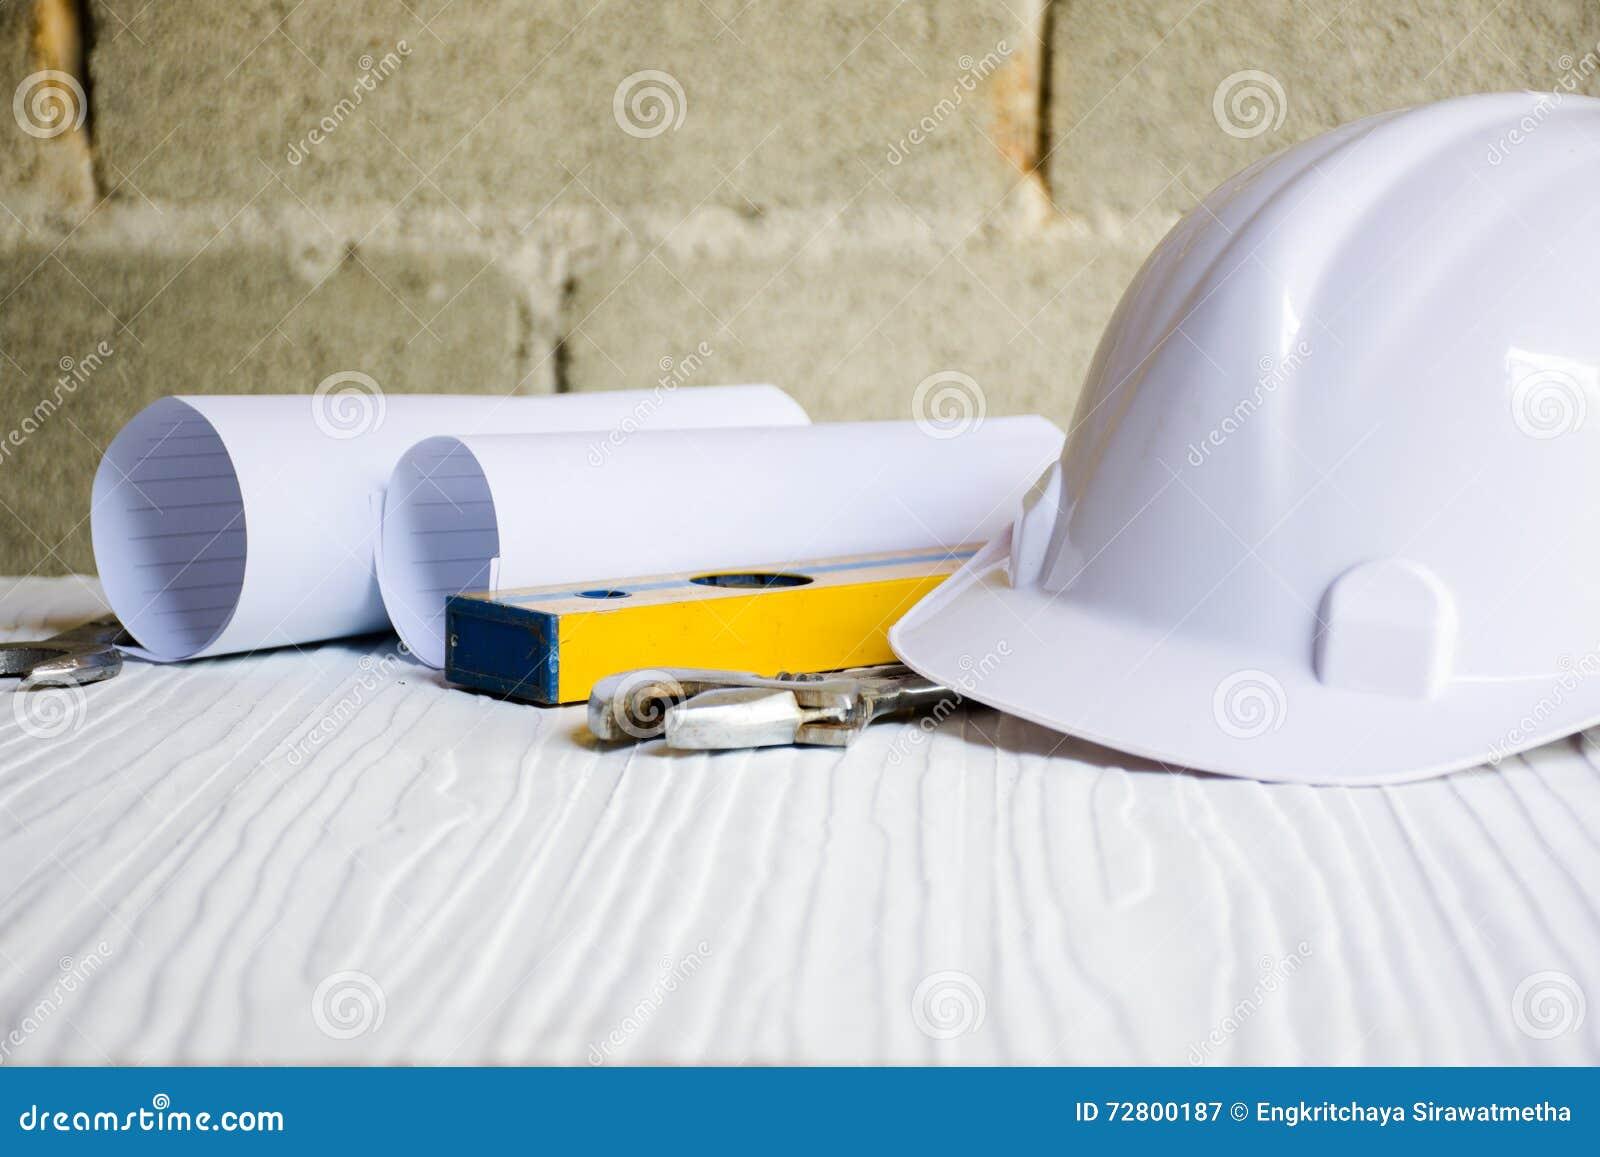 Fußboden Aus Packpapier ~ Hintergrund für architekten und handwerkerwerkzeug mit papier und